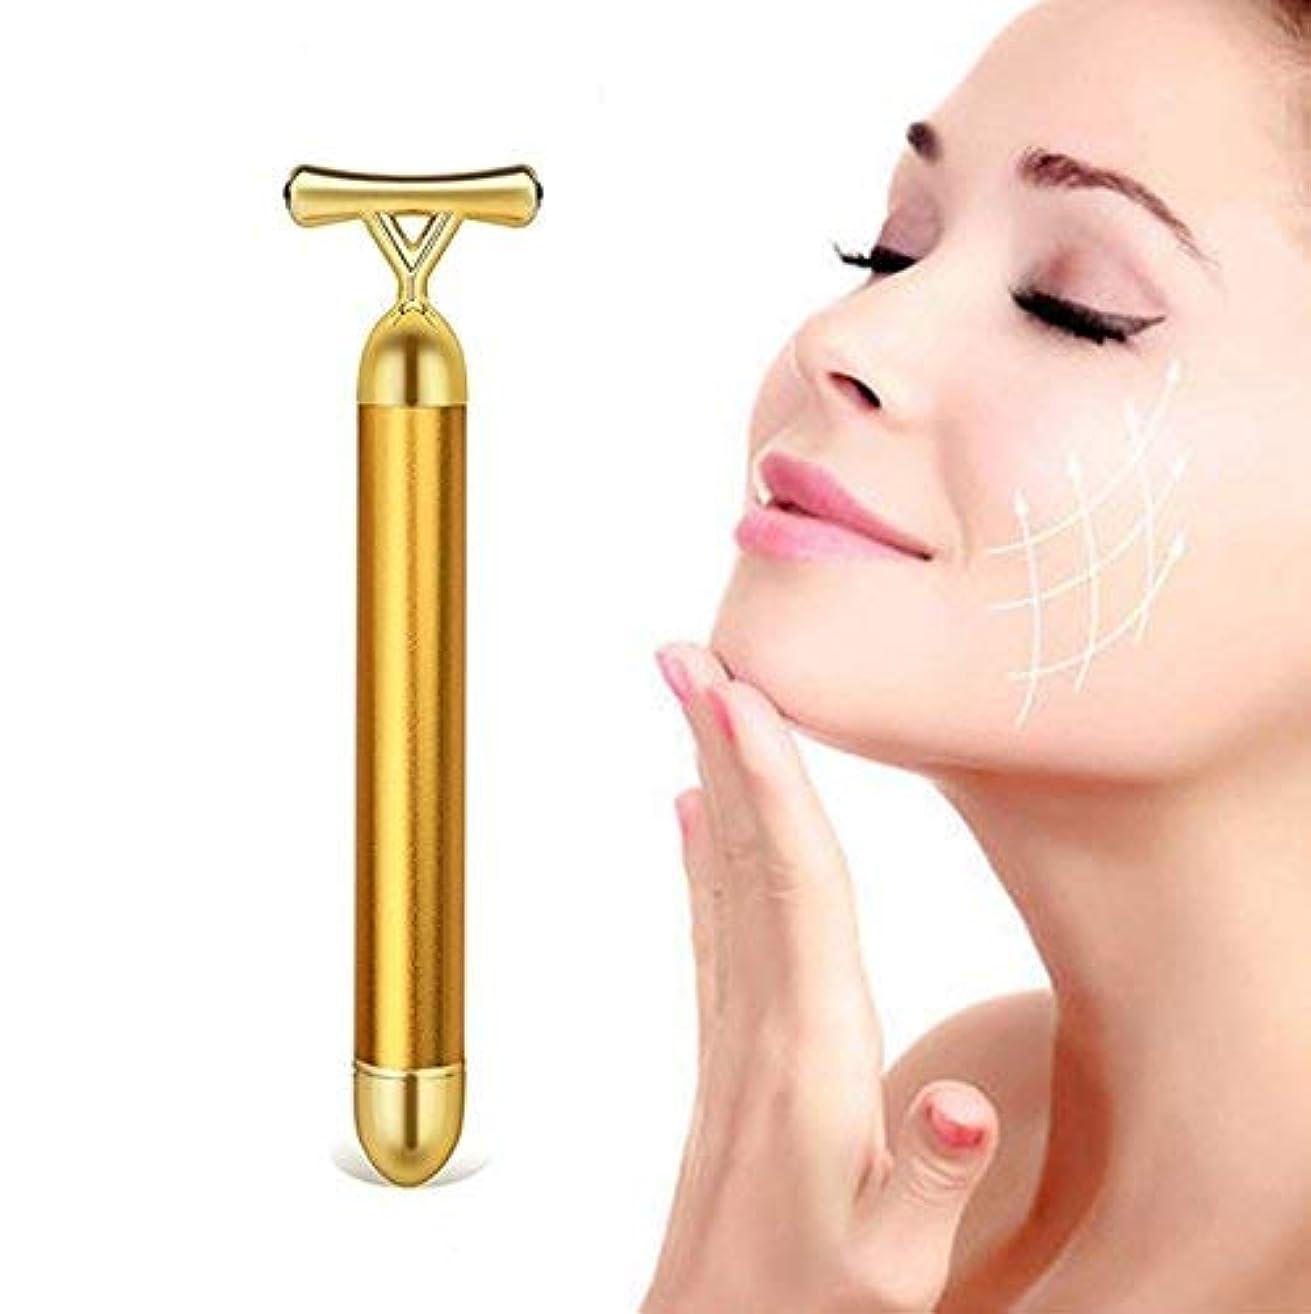 追放きらめき感じBeauty Bar 24k Golden Pulse Facial Massager Y-Shape Electric Face Massage Tools Gold Stick Skincare Wrinkle Treatment...